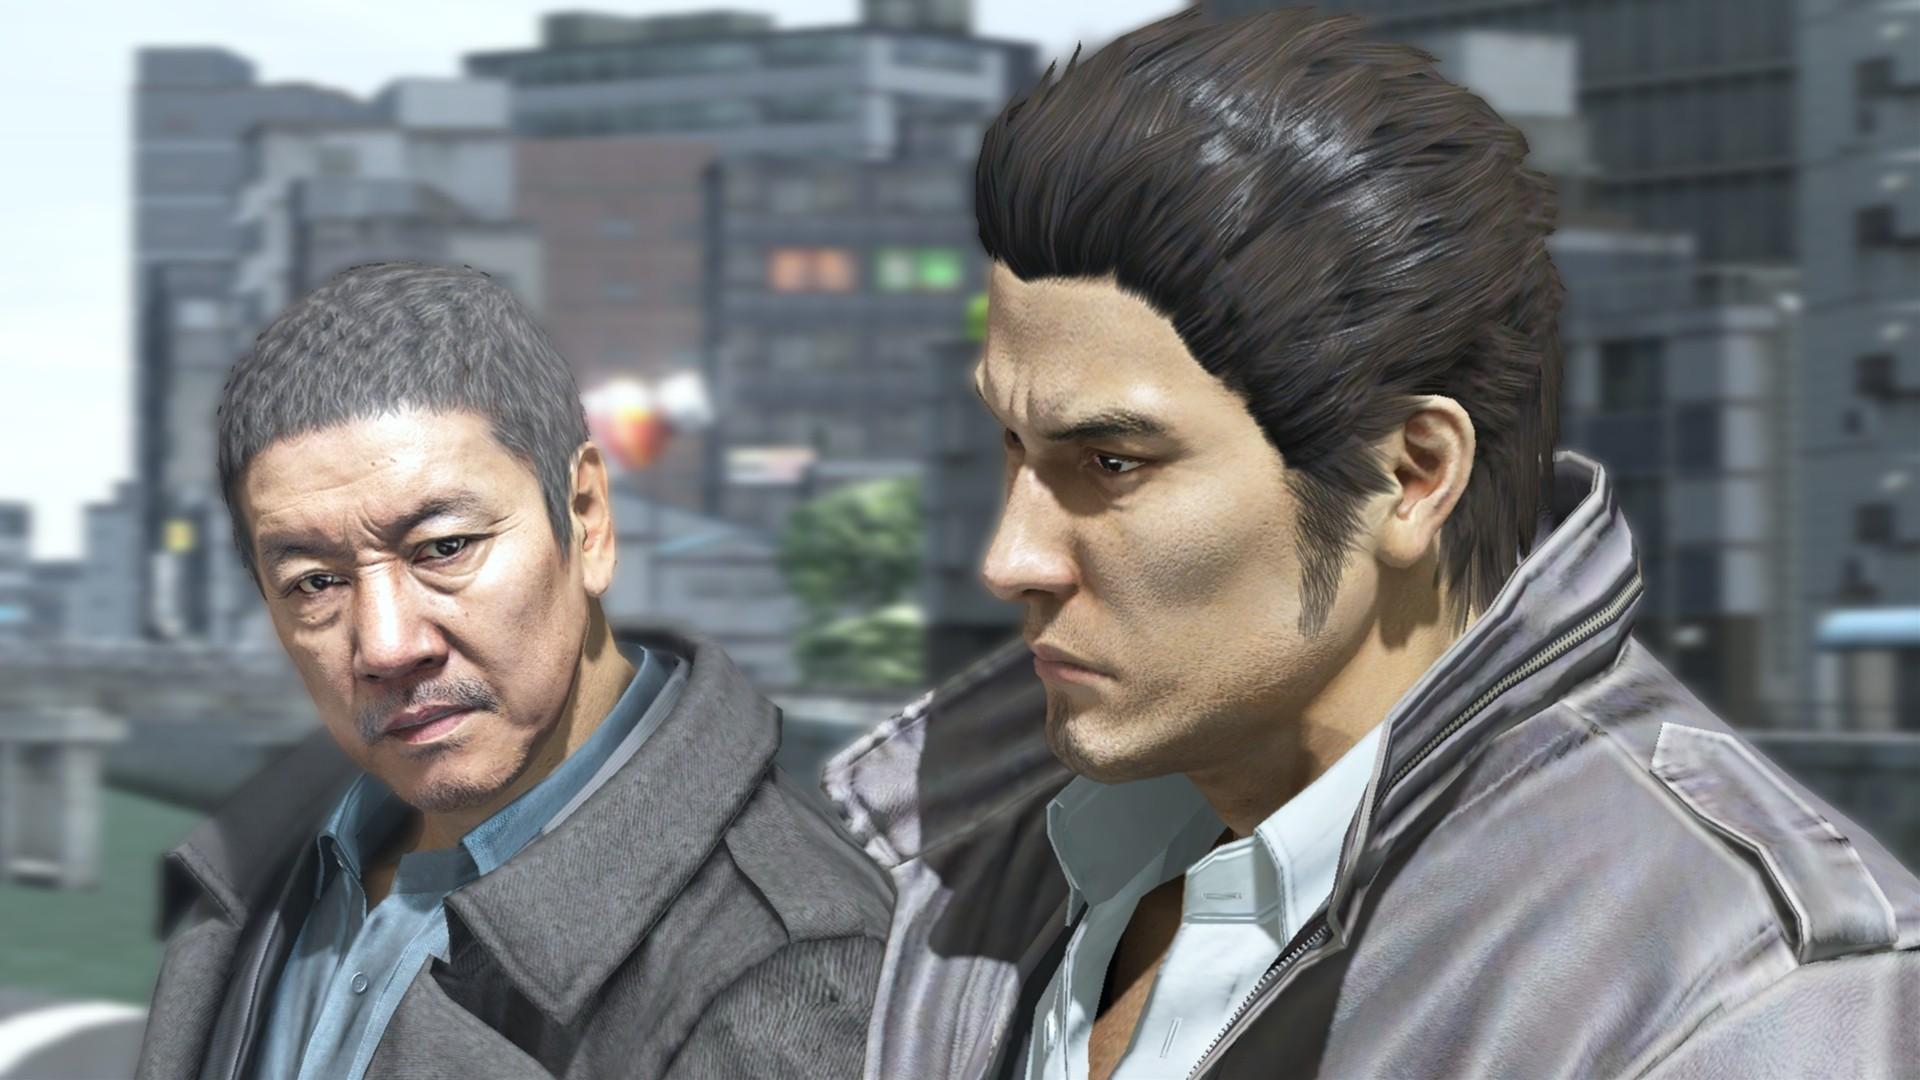 Obrázky z Yakuza 5 předvádí kvalitní grafiku 69659